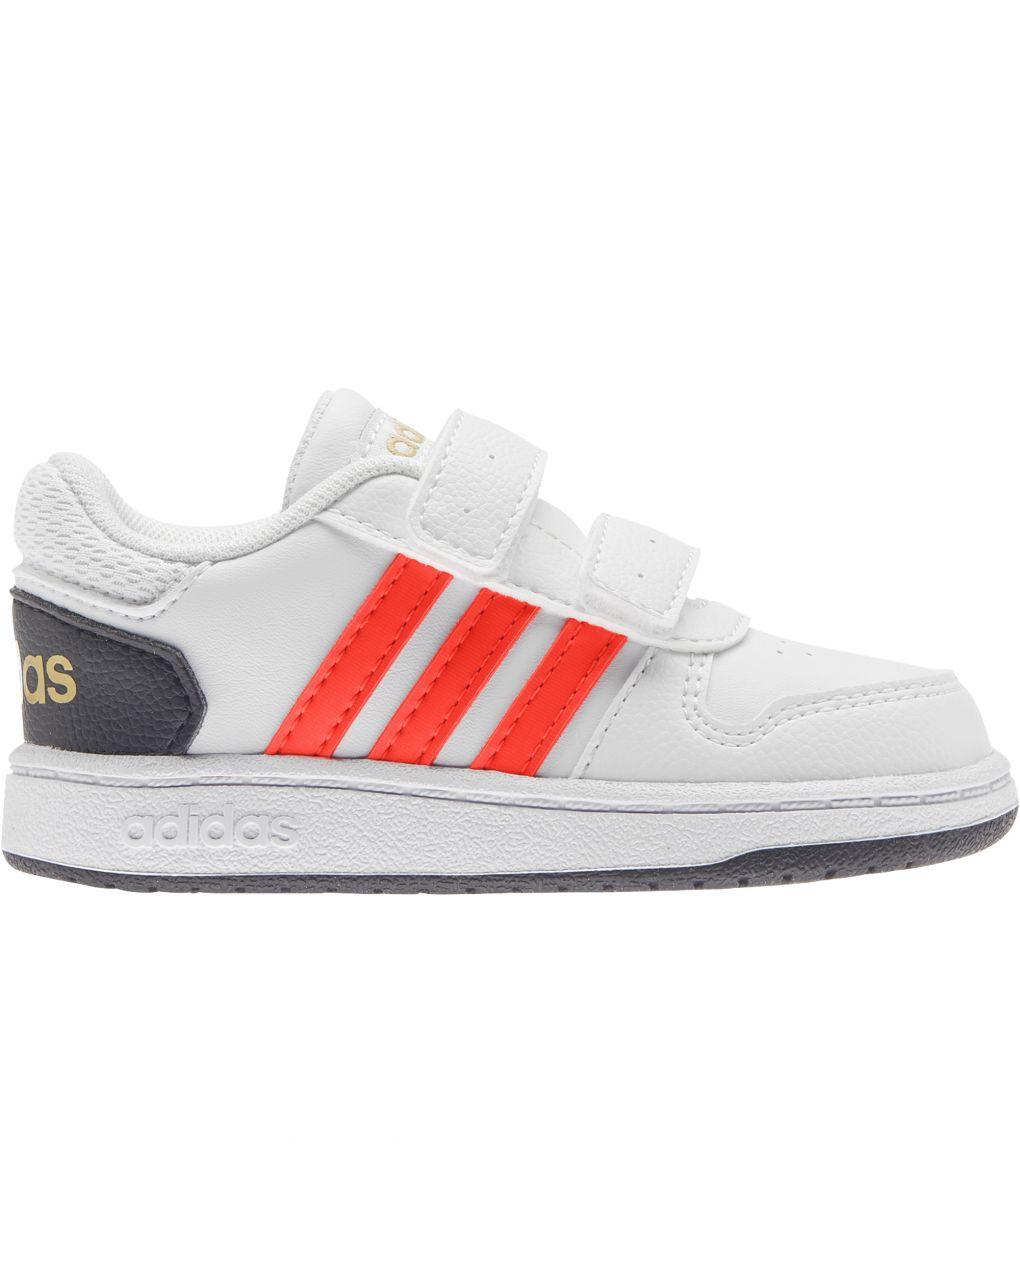 Αθλητικά Παπούτσια Adidas Hoops 2.0 CMF I για Κορίτσι